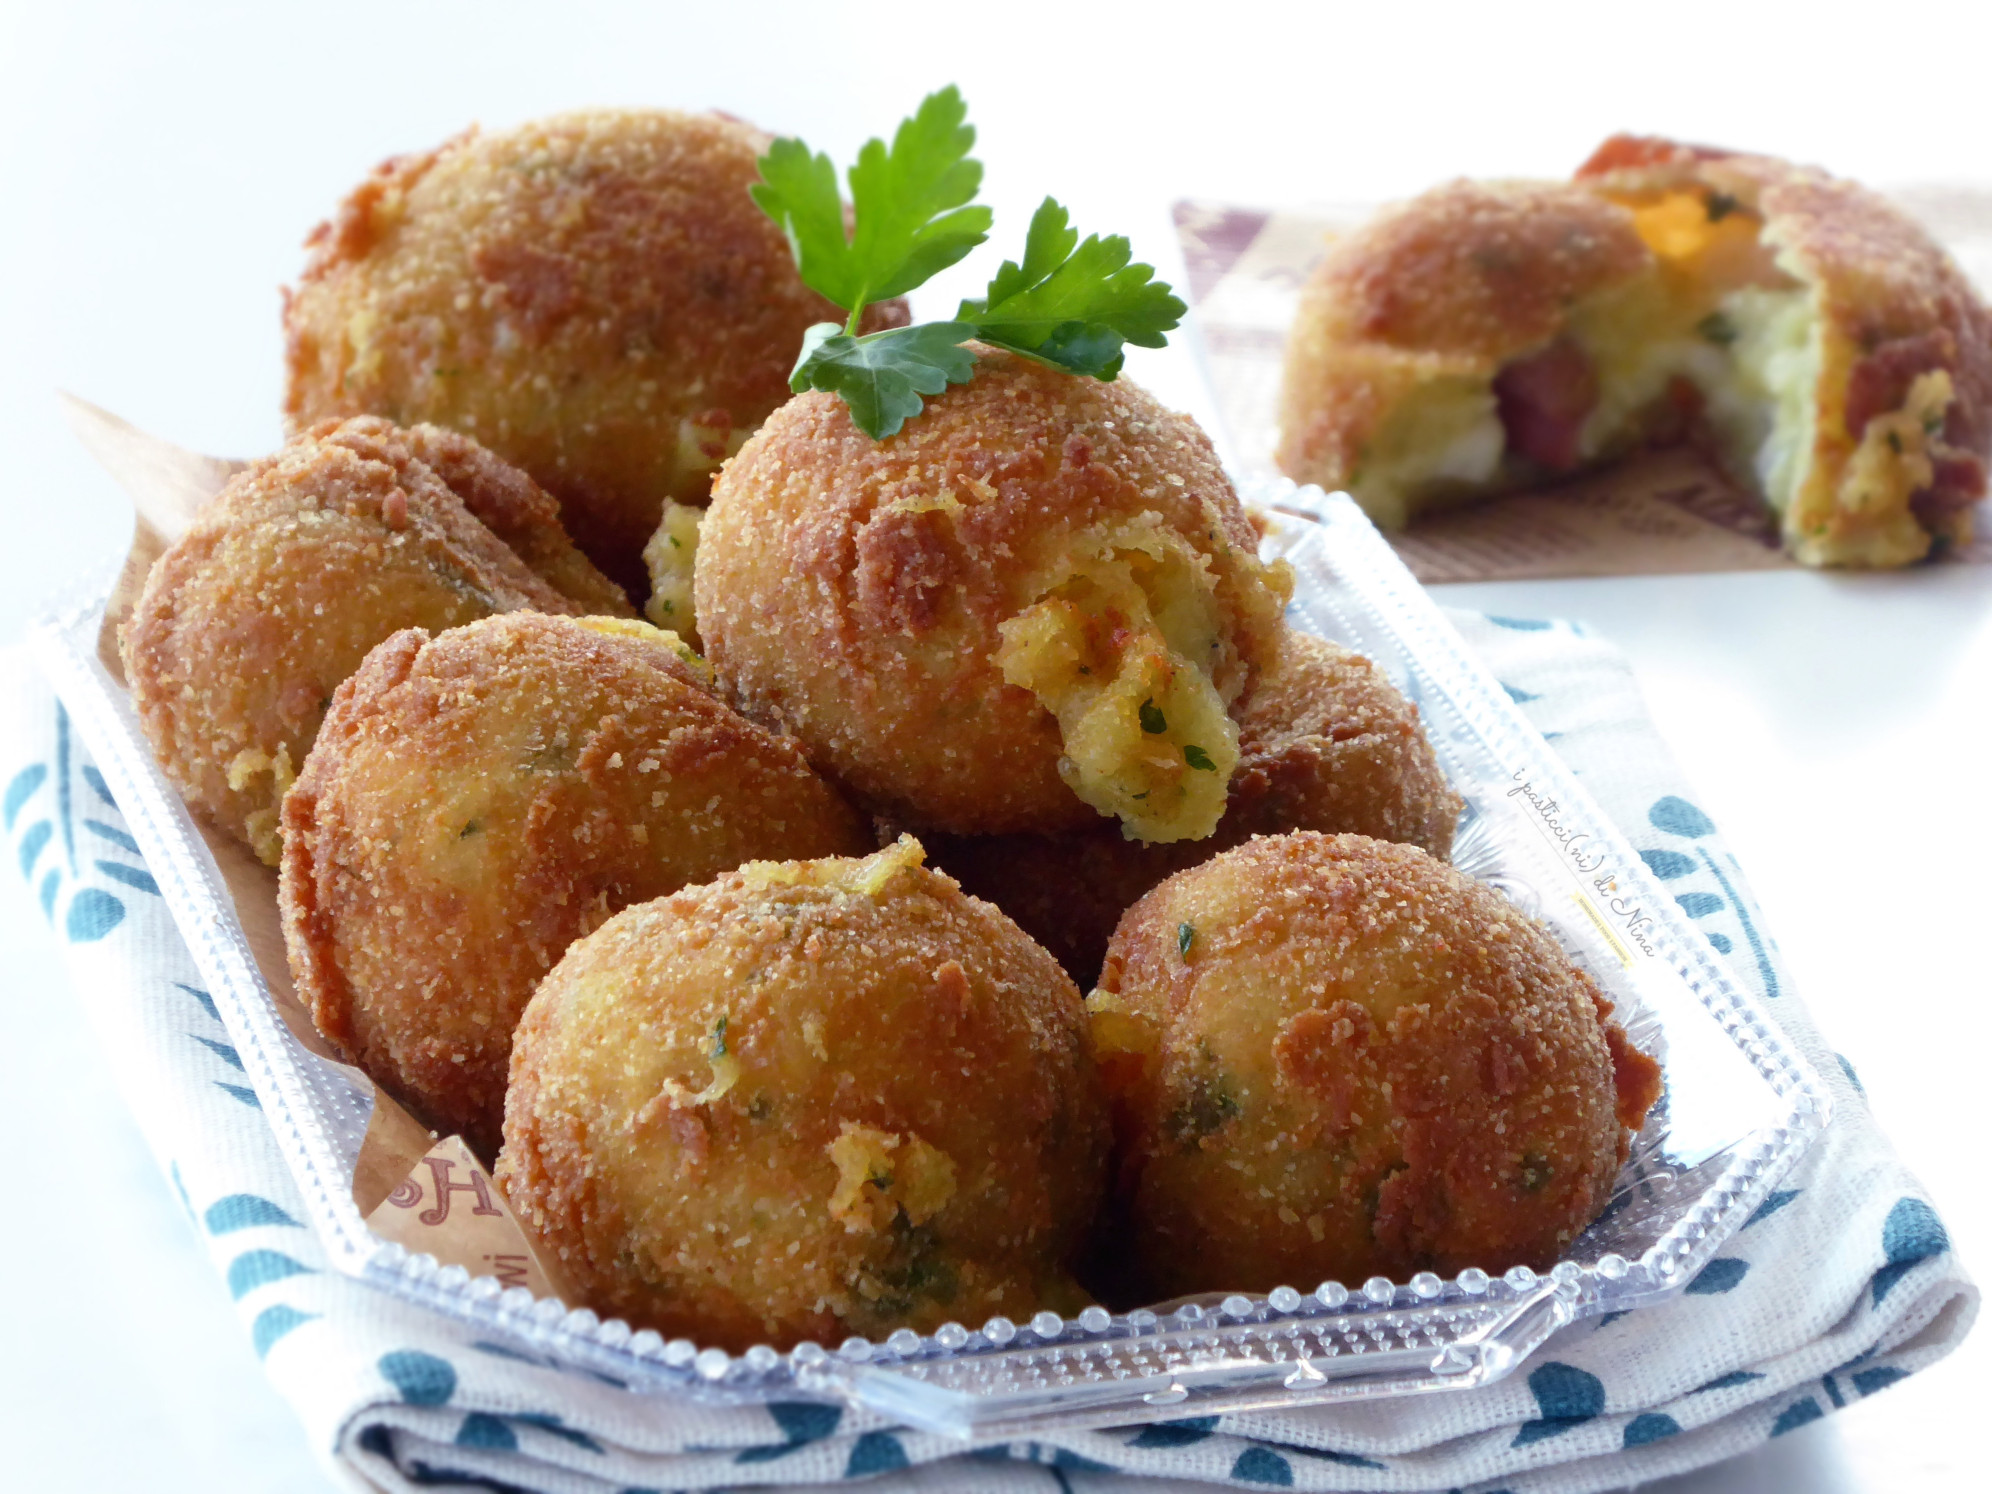 polpette di patate ripiene con patate senza uova nell'impasto